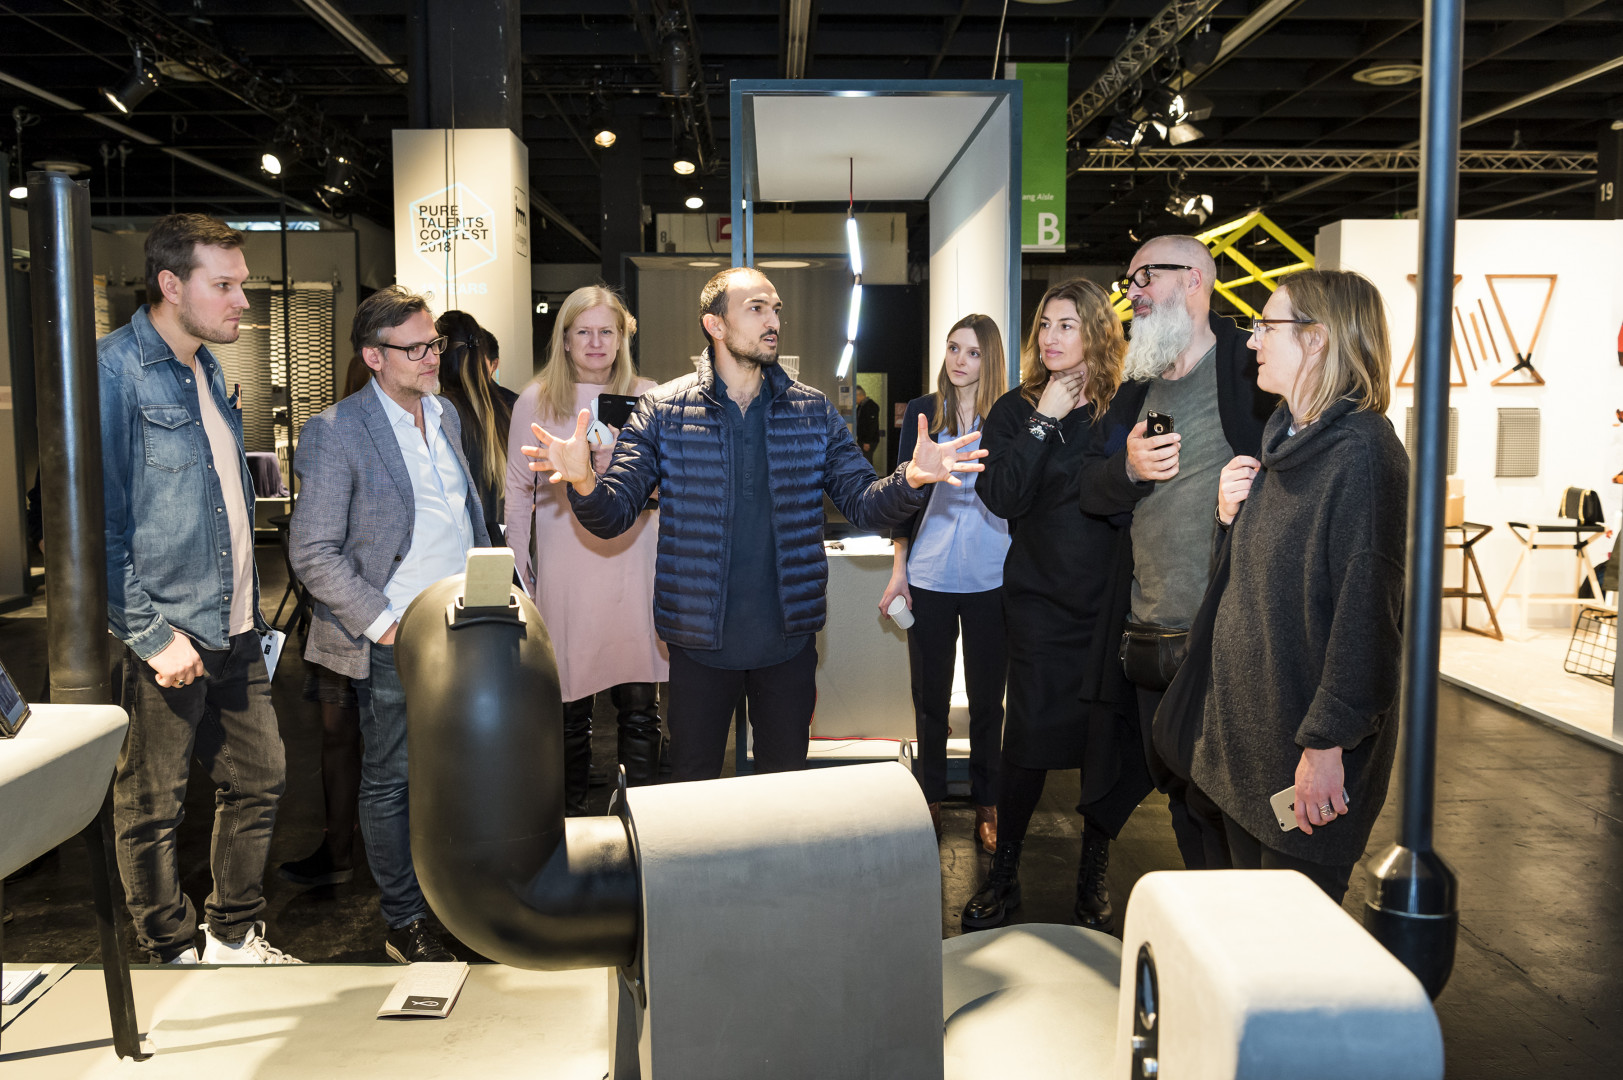 Jurorzy oceniający prace młodych projektant ów podczas ubiegłorocznej edycji konkursu Pure Talents Contest. Fot. Koelnmesse